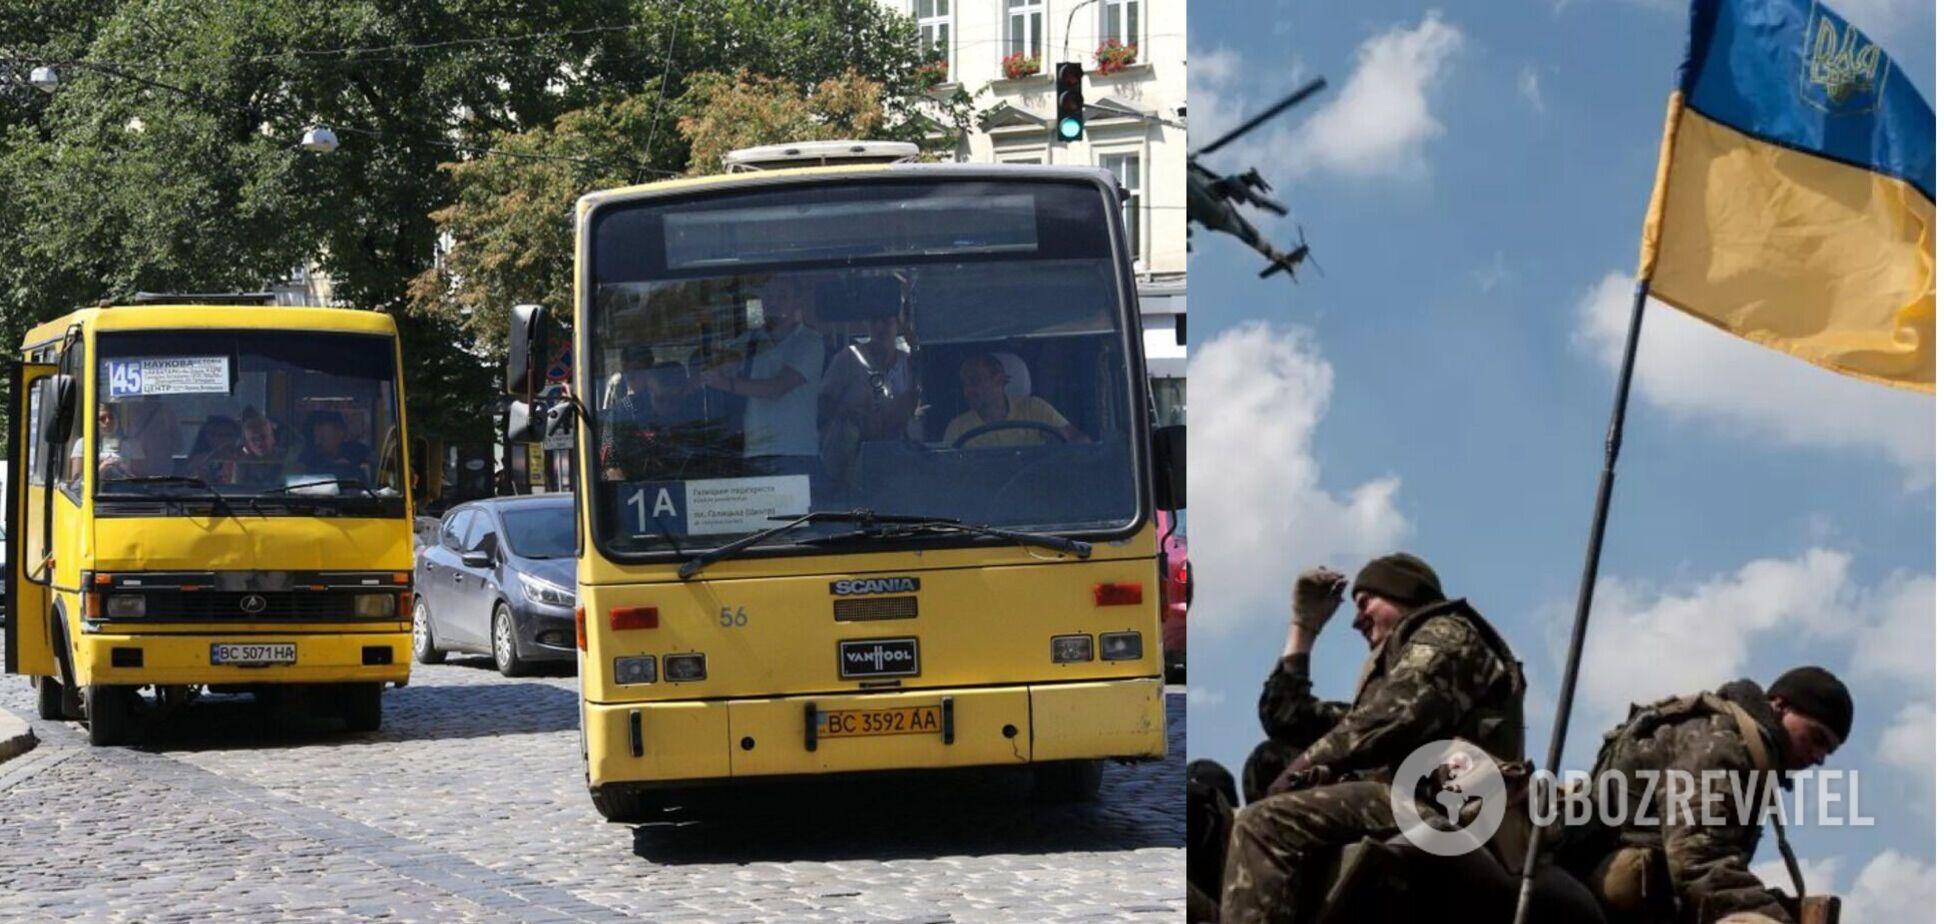 На Львівщині водій вигнав із маршрутки доньку загиблого воїна АТО. Відео